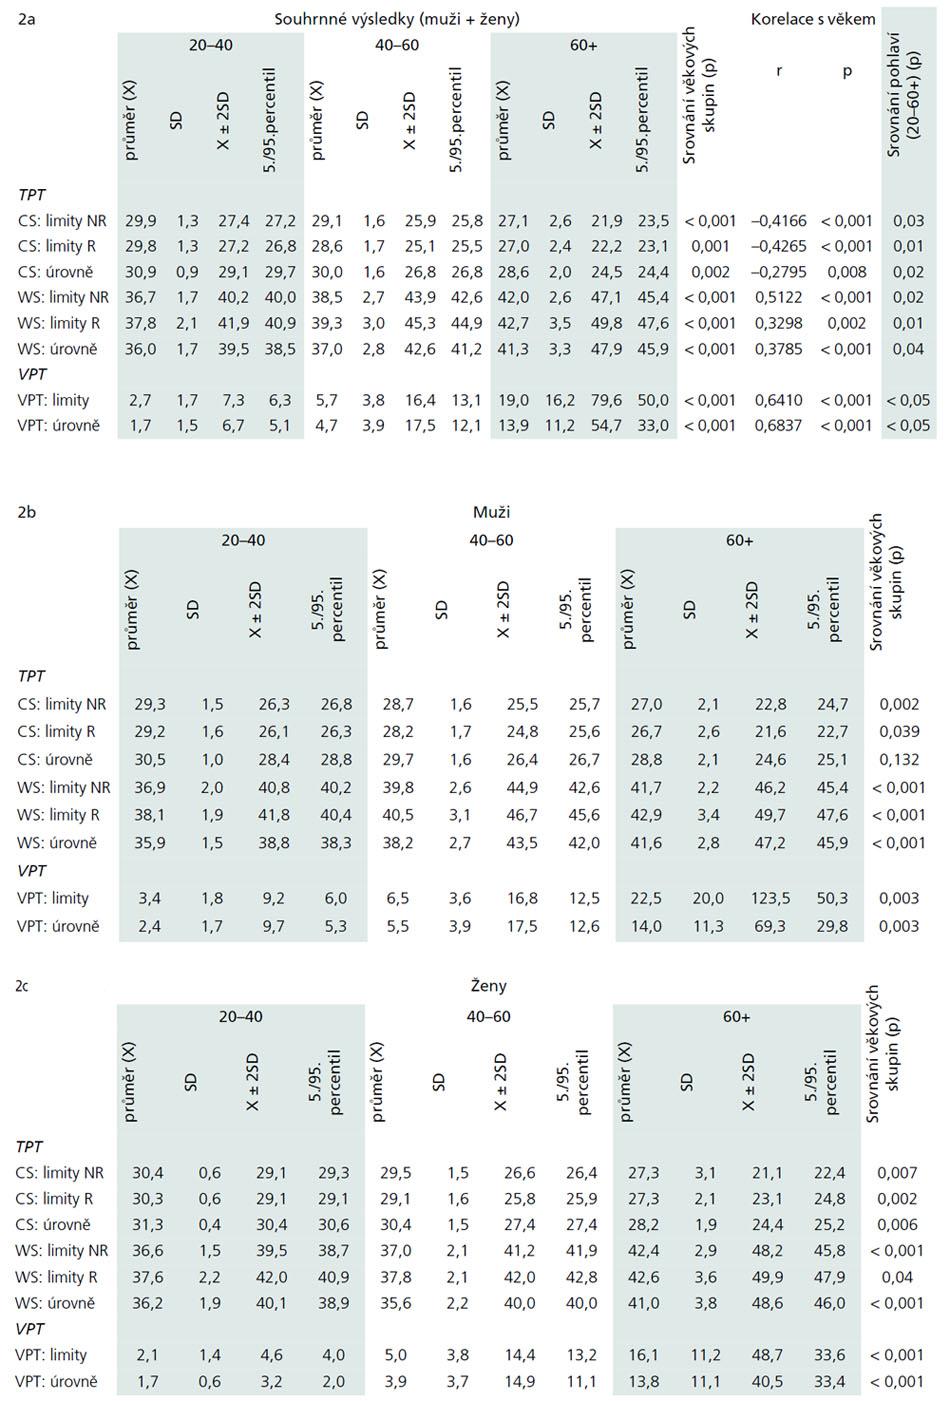 Sumarizace hodnot termických prahů (TPT) pro teplo (WS) a chlad (CS) a vibračních prahů (VPT) při vyšetření QST v jednotlivých věkových kategoriích (20–40, 40–60, 60+), a to jednak souhrnně u všech jedinců dané věkové podskupiny (2a) a dále odděleně u mužů (2b) a žen (2c) vč. korelace hodnot jednotlivých parametrů s věkem, srovnání nálezů mezi věkovými podskupinami a mezi muži a ženami. Pro každý parametr jsou uvedeny hodnoty průměru, SD a dále příslušné percentilové hodnoty, využitelné u daného parametru pro derivaci normálních limitů (tedy 5. percentil pro termické prahy pro chlad a 95. percentil pro termické práhy pro teplo a vibrační prahy). Výsledky lze použít k derivaci věkově stratifikovaných normativních dat a to při dvou možných způsobech jejich nastavení, tj. na úrovni 5./95. percentilu prezentovaných hodnot a/nebo na úrovni X ± 2SD (obě hodnoty jsou explicitně uvedeny). Hodnoty termických prahů jsou uvedeny ve °C, vibrační prahy jsou ve vibračních jednotkách (derivovaných z amplitudy pohybu vibrační sondy, uváděné v mikrometrech). Statistické zpracování bylo provedeno pomocí parametrické statistiky (ANOV A, t test, Pearsonův korelační koeficient) u všech parametrů TPT, jednotlivé parametry VPT byly vzhledem k nonnormální distribuci zpracovány pomocí statistiky neparametrické (Kruskal-Wallis ANOV A, test Kolmogorov-Smirnov, Spearmanův korelační koeficient).